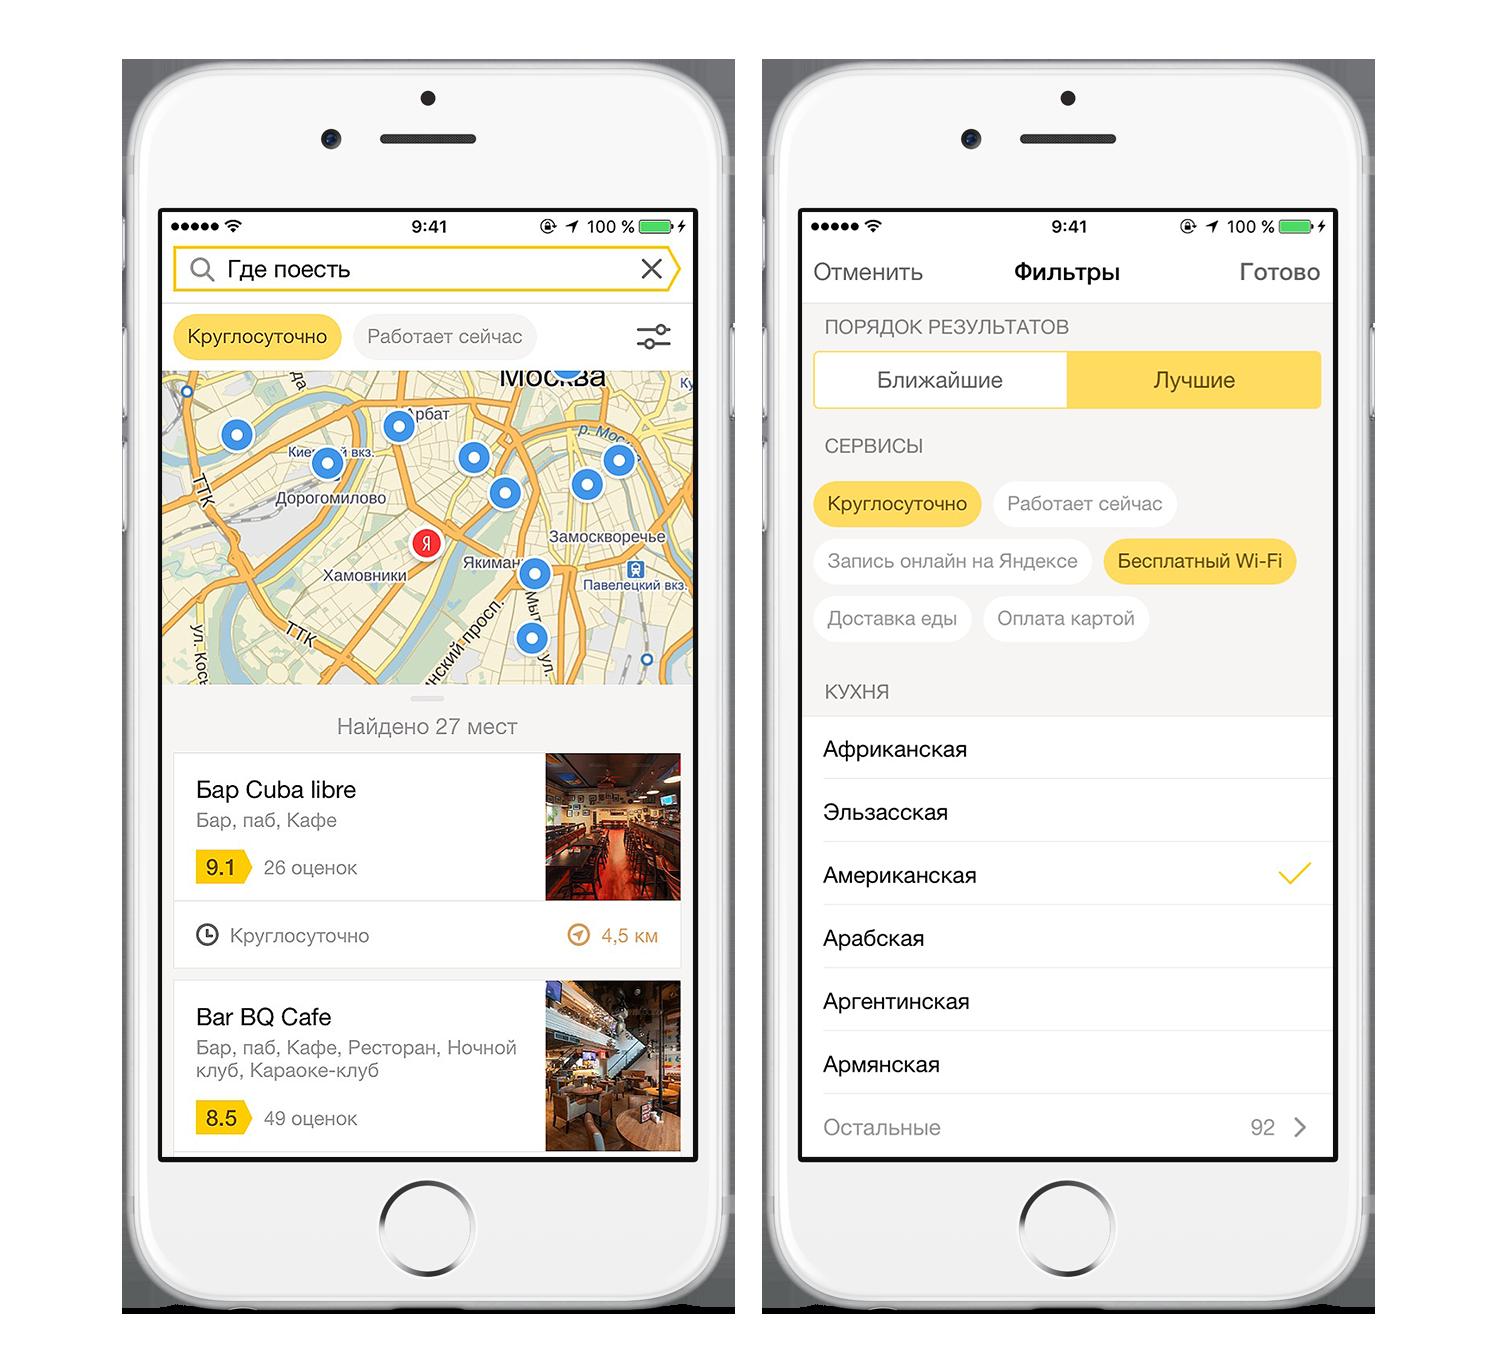 Яндекс.Навигатор — карты и навигация по GPS в App Store